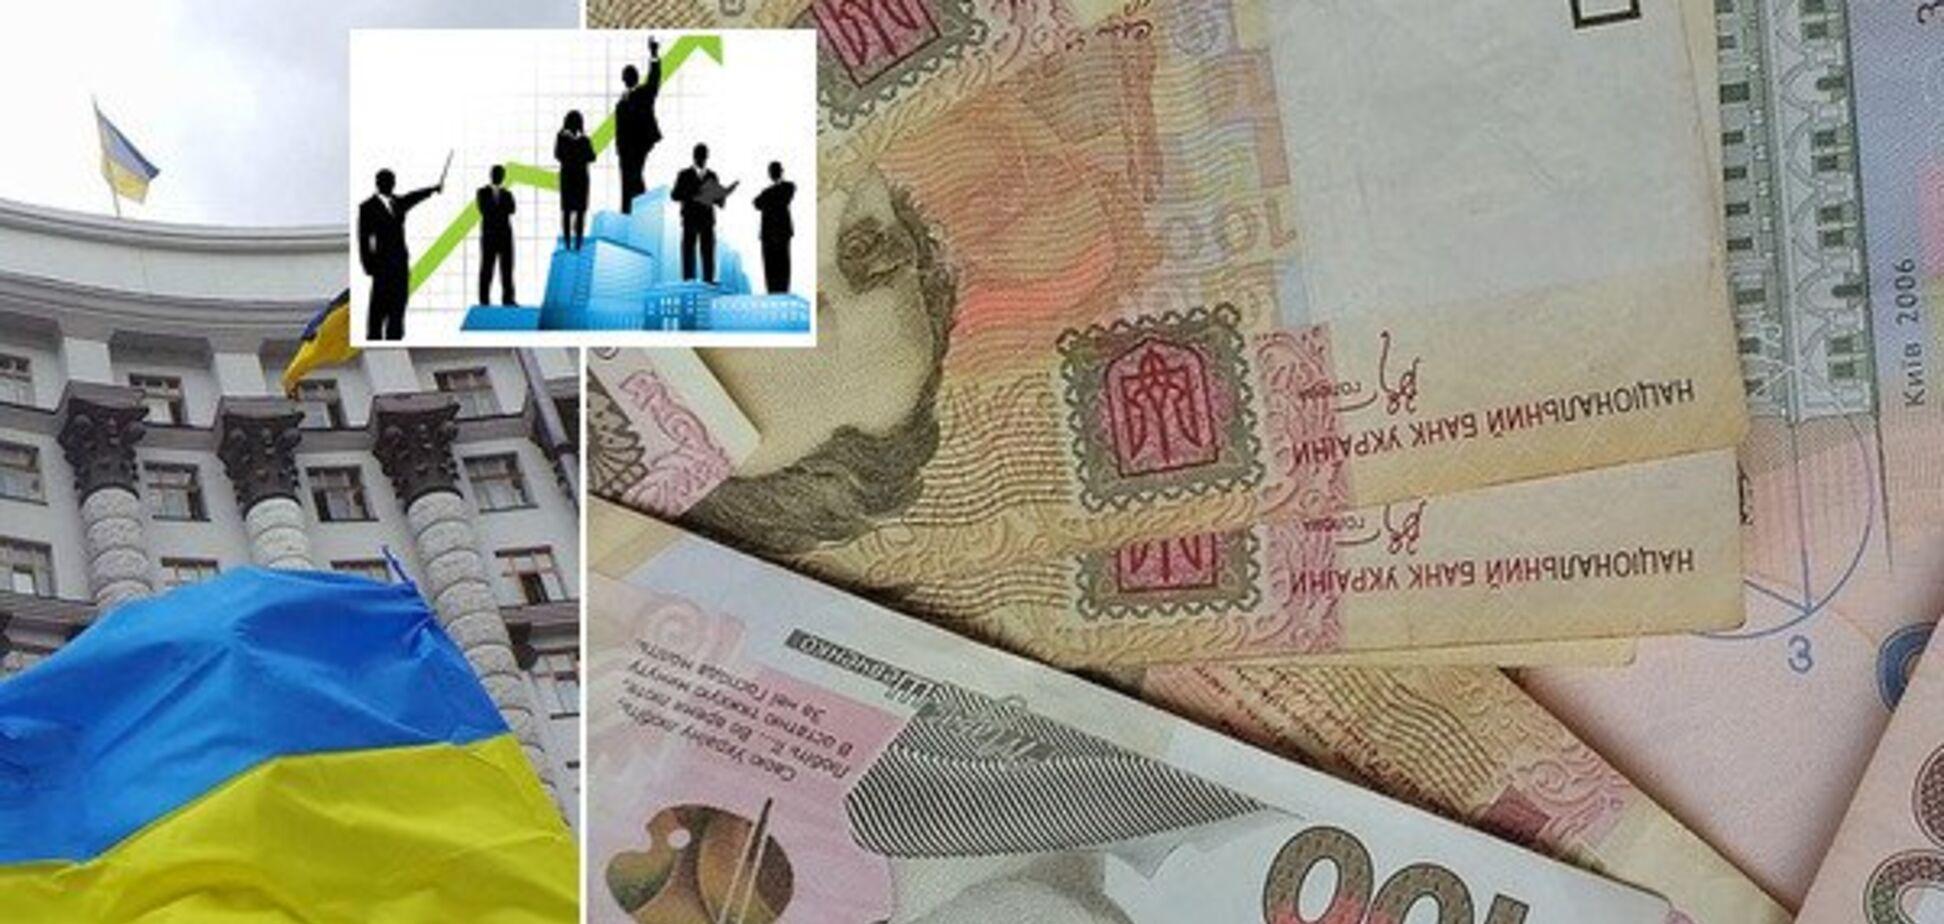 Як українцям перерахують пенсії і зарплати: хто заробляє тисячі за день